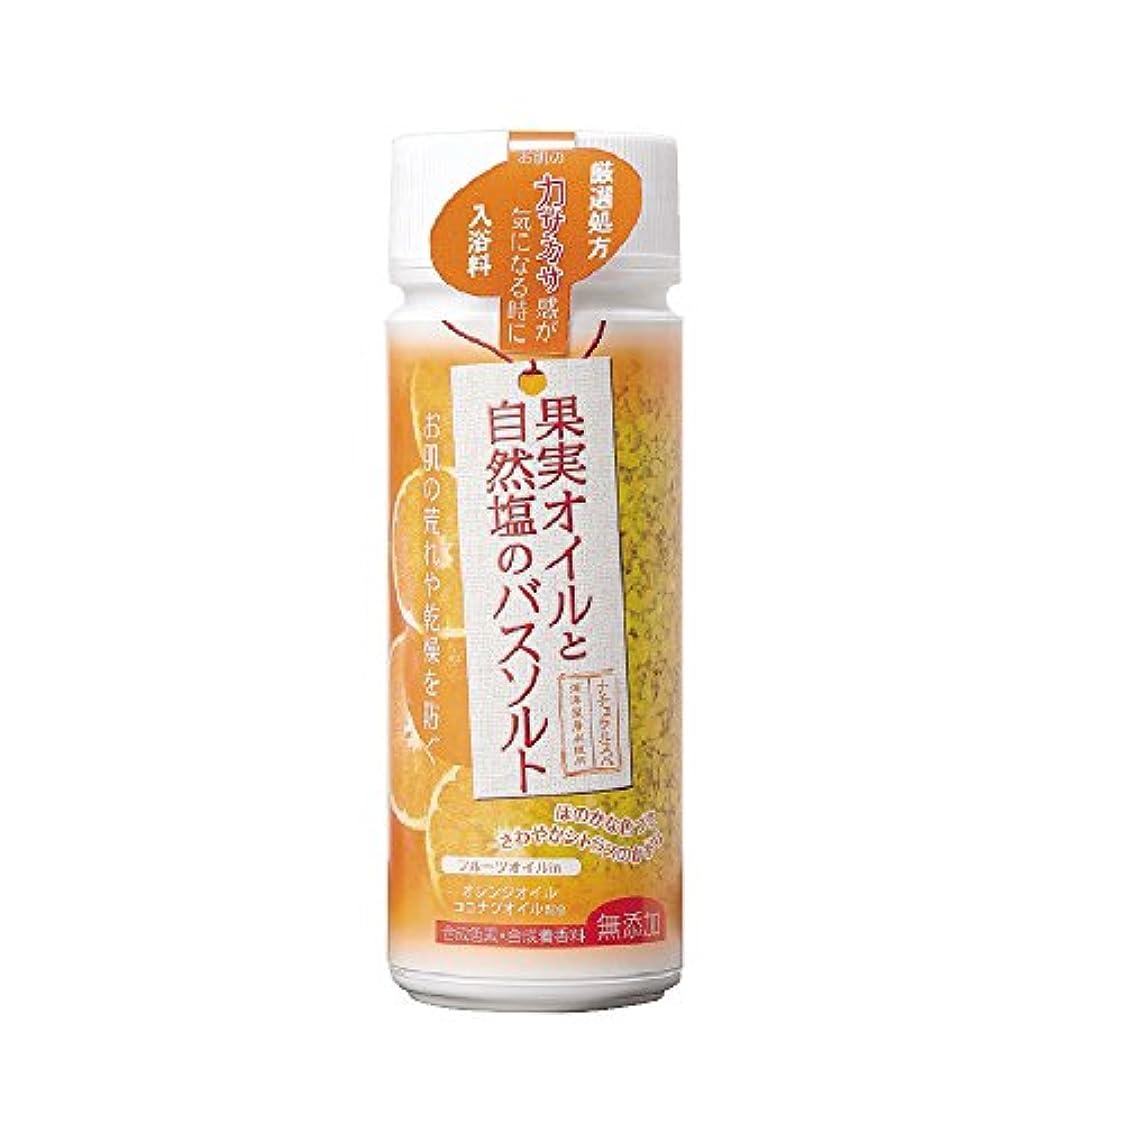 五洲薬品 ナチュラルスパ 果実オイルボトル 630g